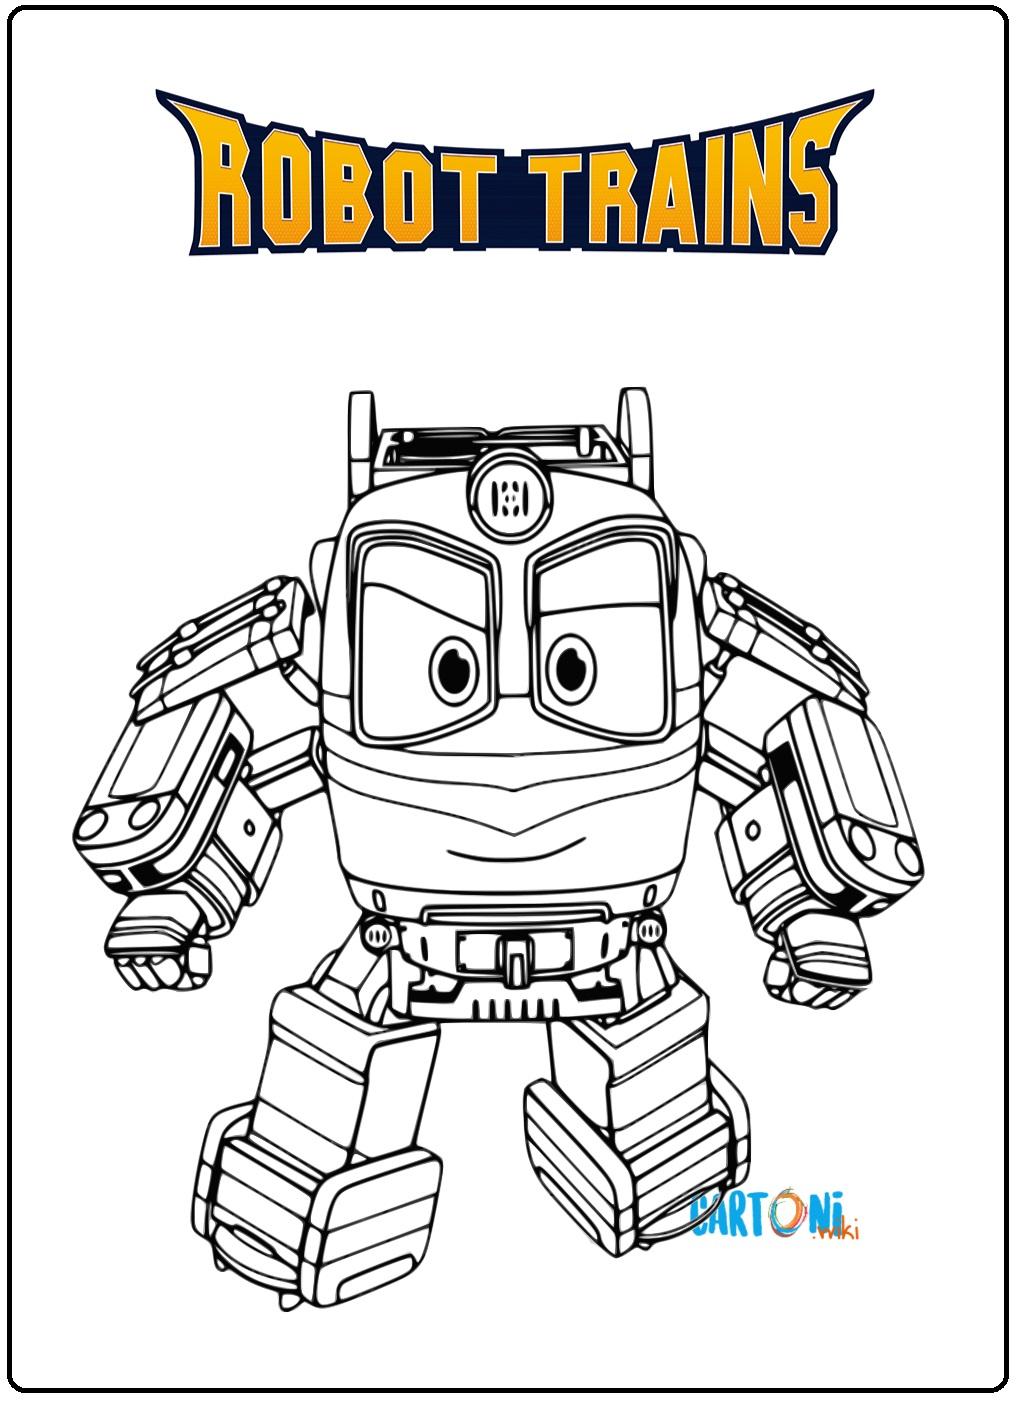 Robot Disegni Da Colorare.Disegno Robot Trains Da Stampare Cartoni Animati